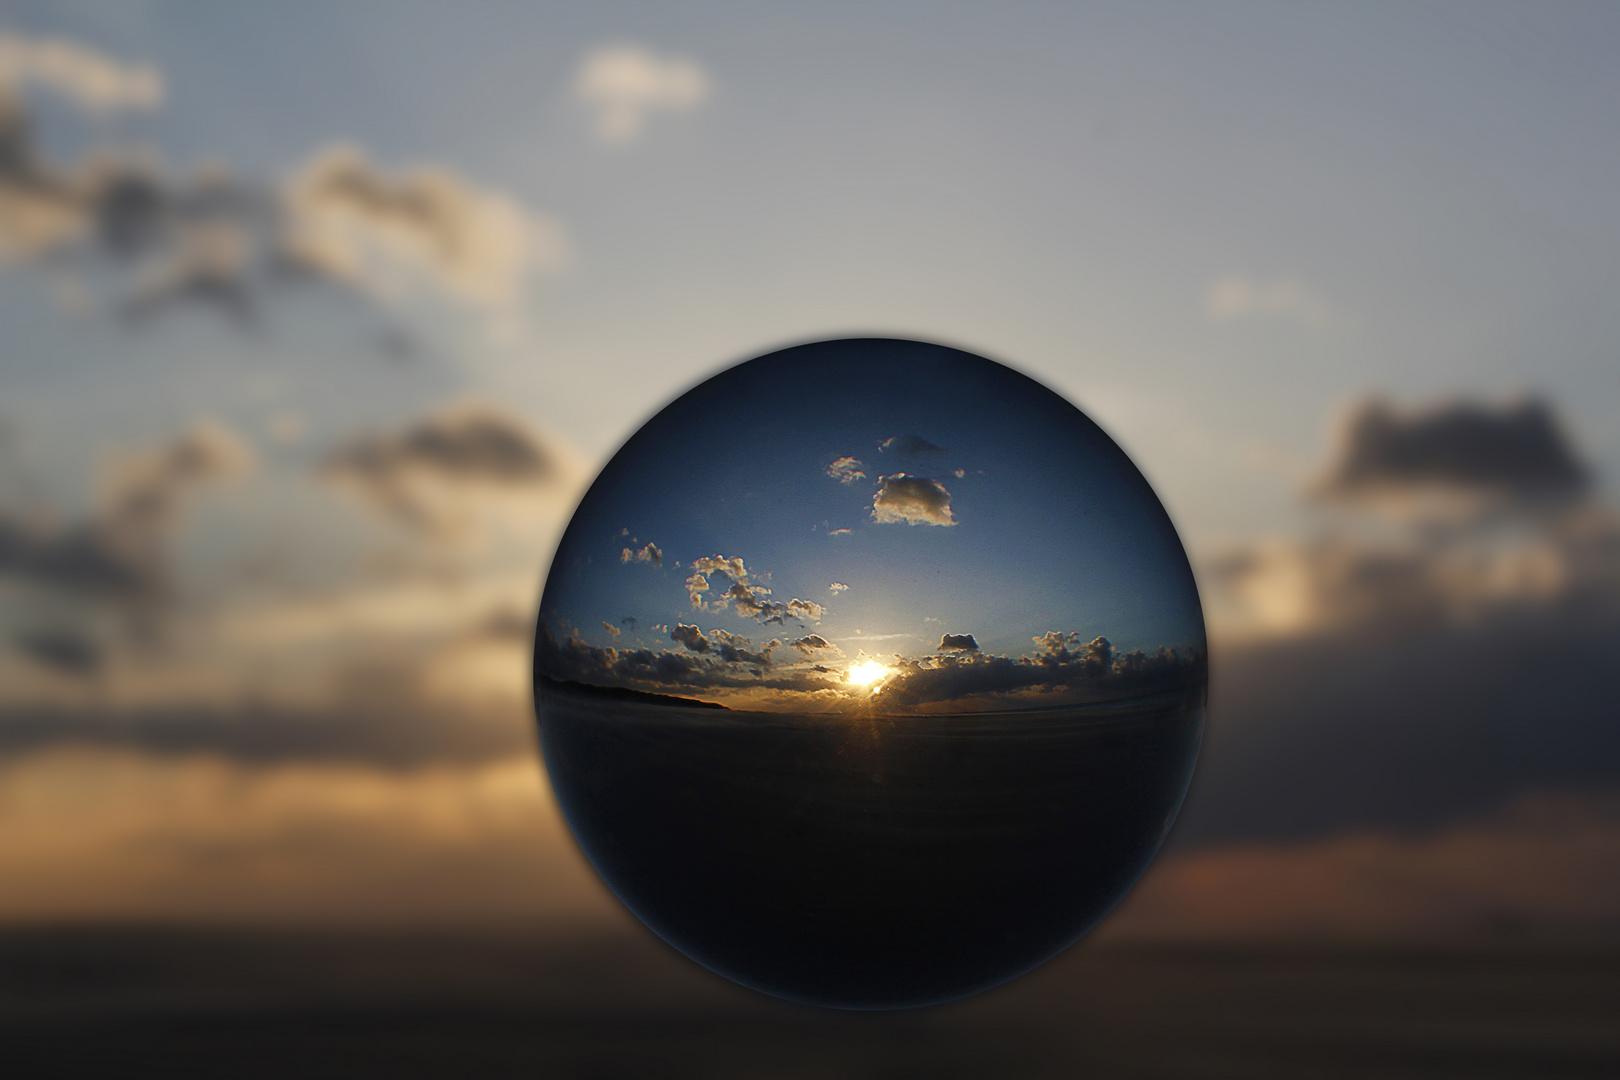 Sonnenuntergang auf Baltrum durch die Glaskugel